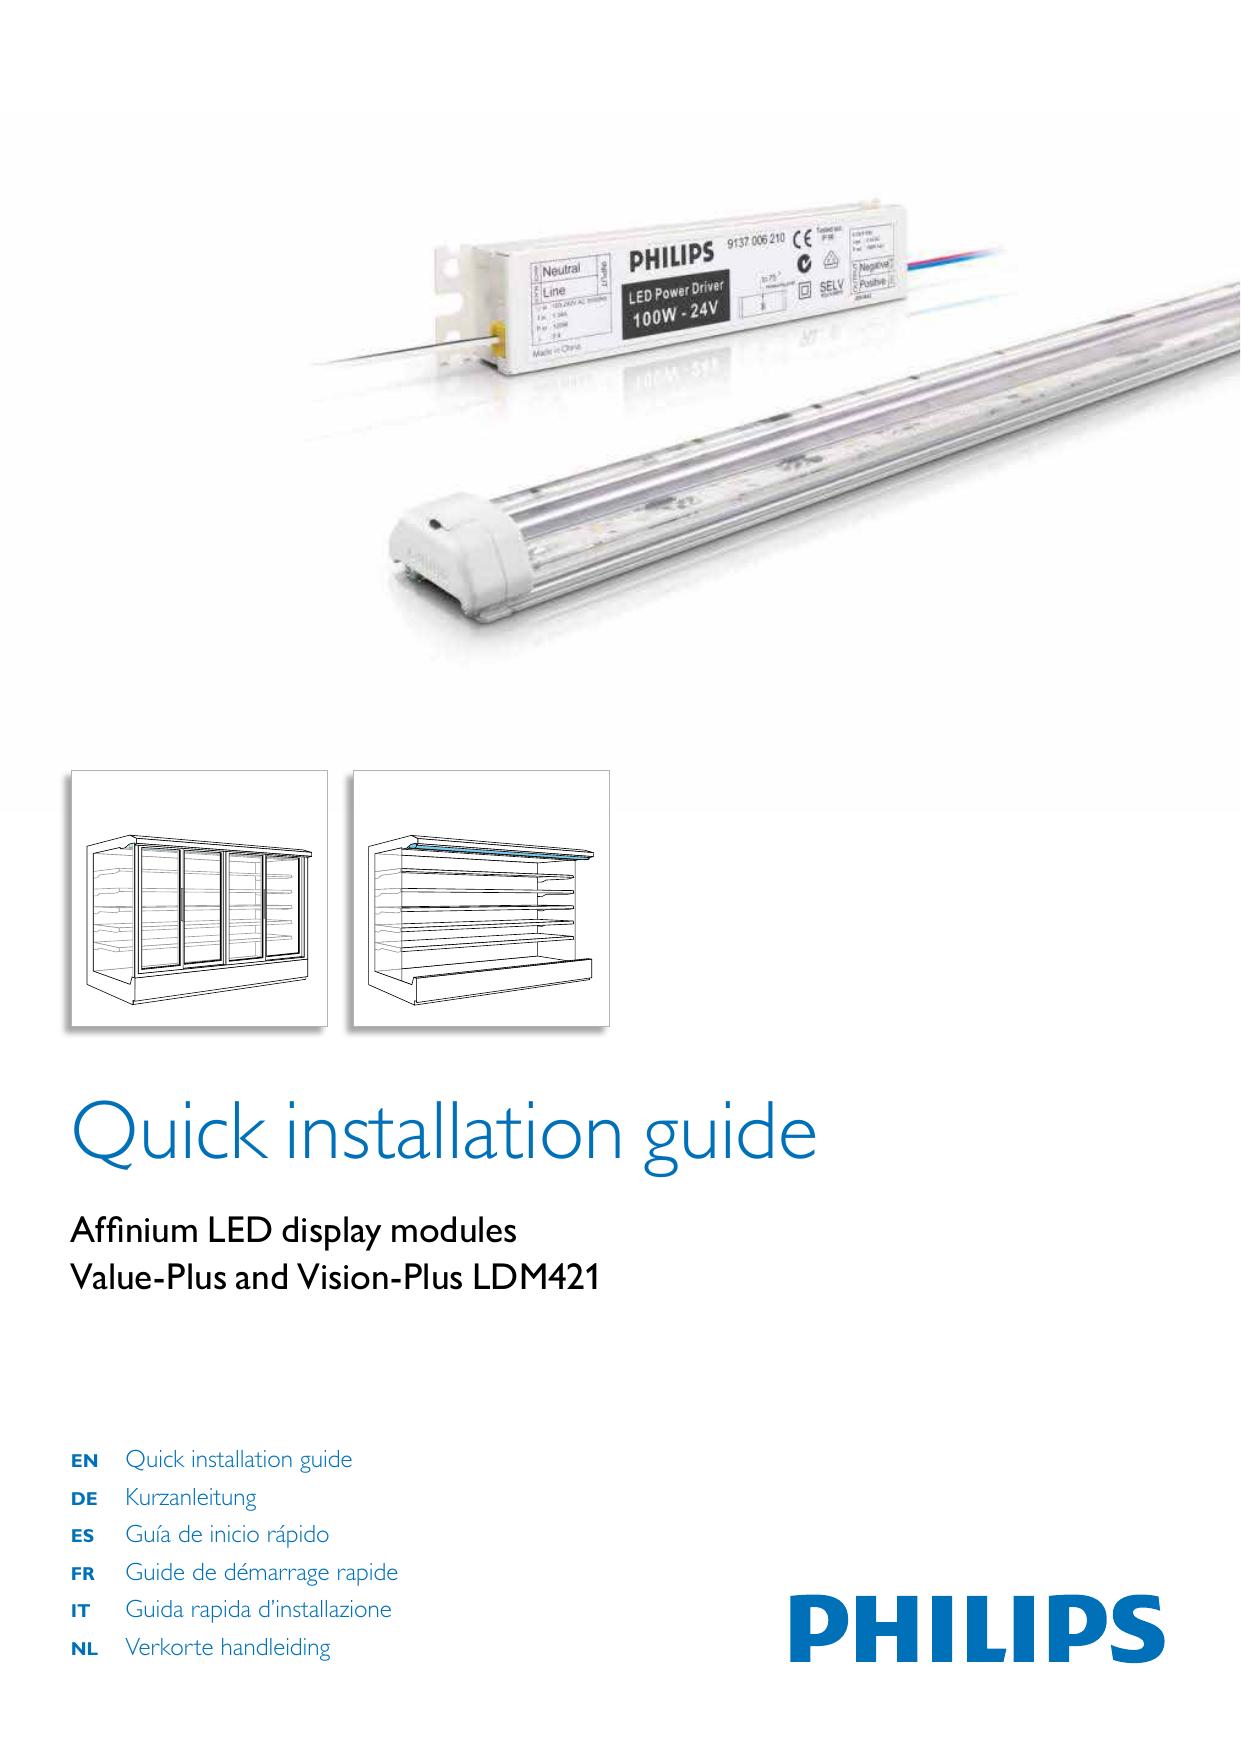 Quick Installation Guide Manualzz Com